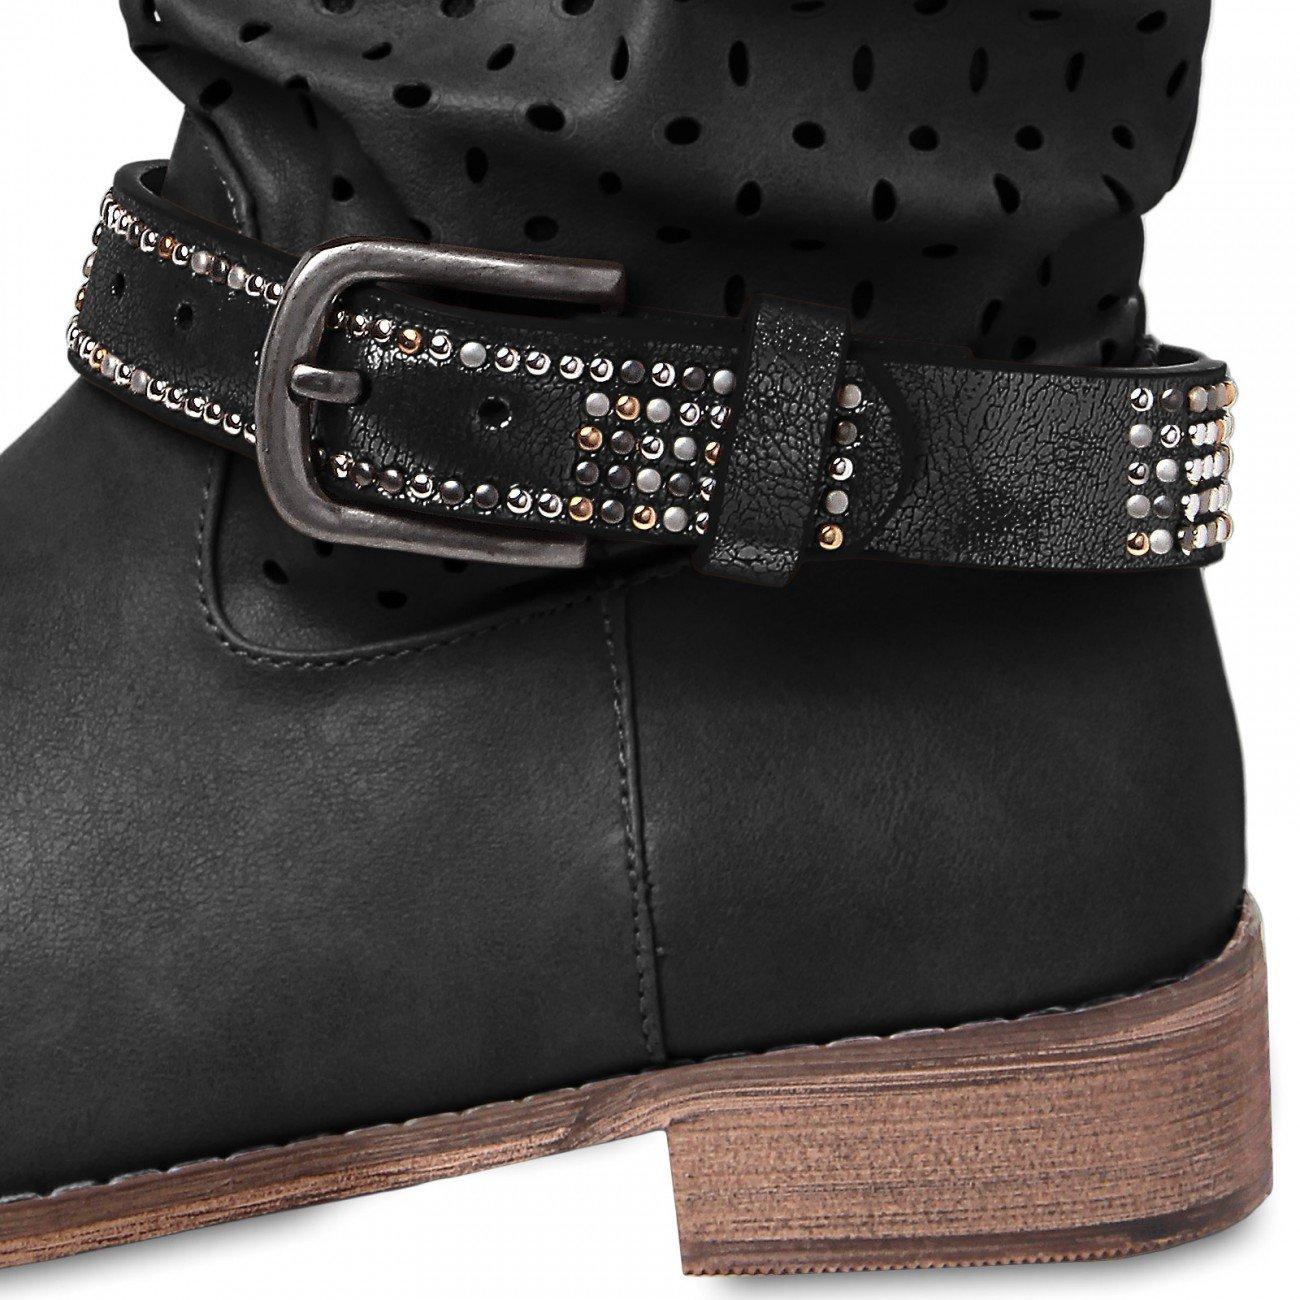 CASPAR - Bijou de botte et chaussure pour femme avec clous - plusieurs coloris - STB001 Farbe:schwarz metallic CASPAR Fashion 4250799679147